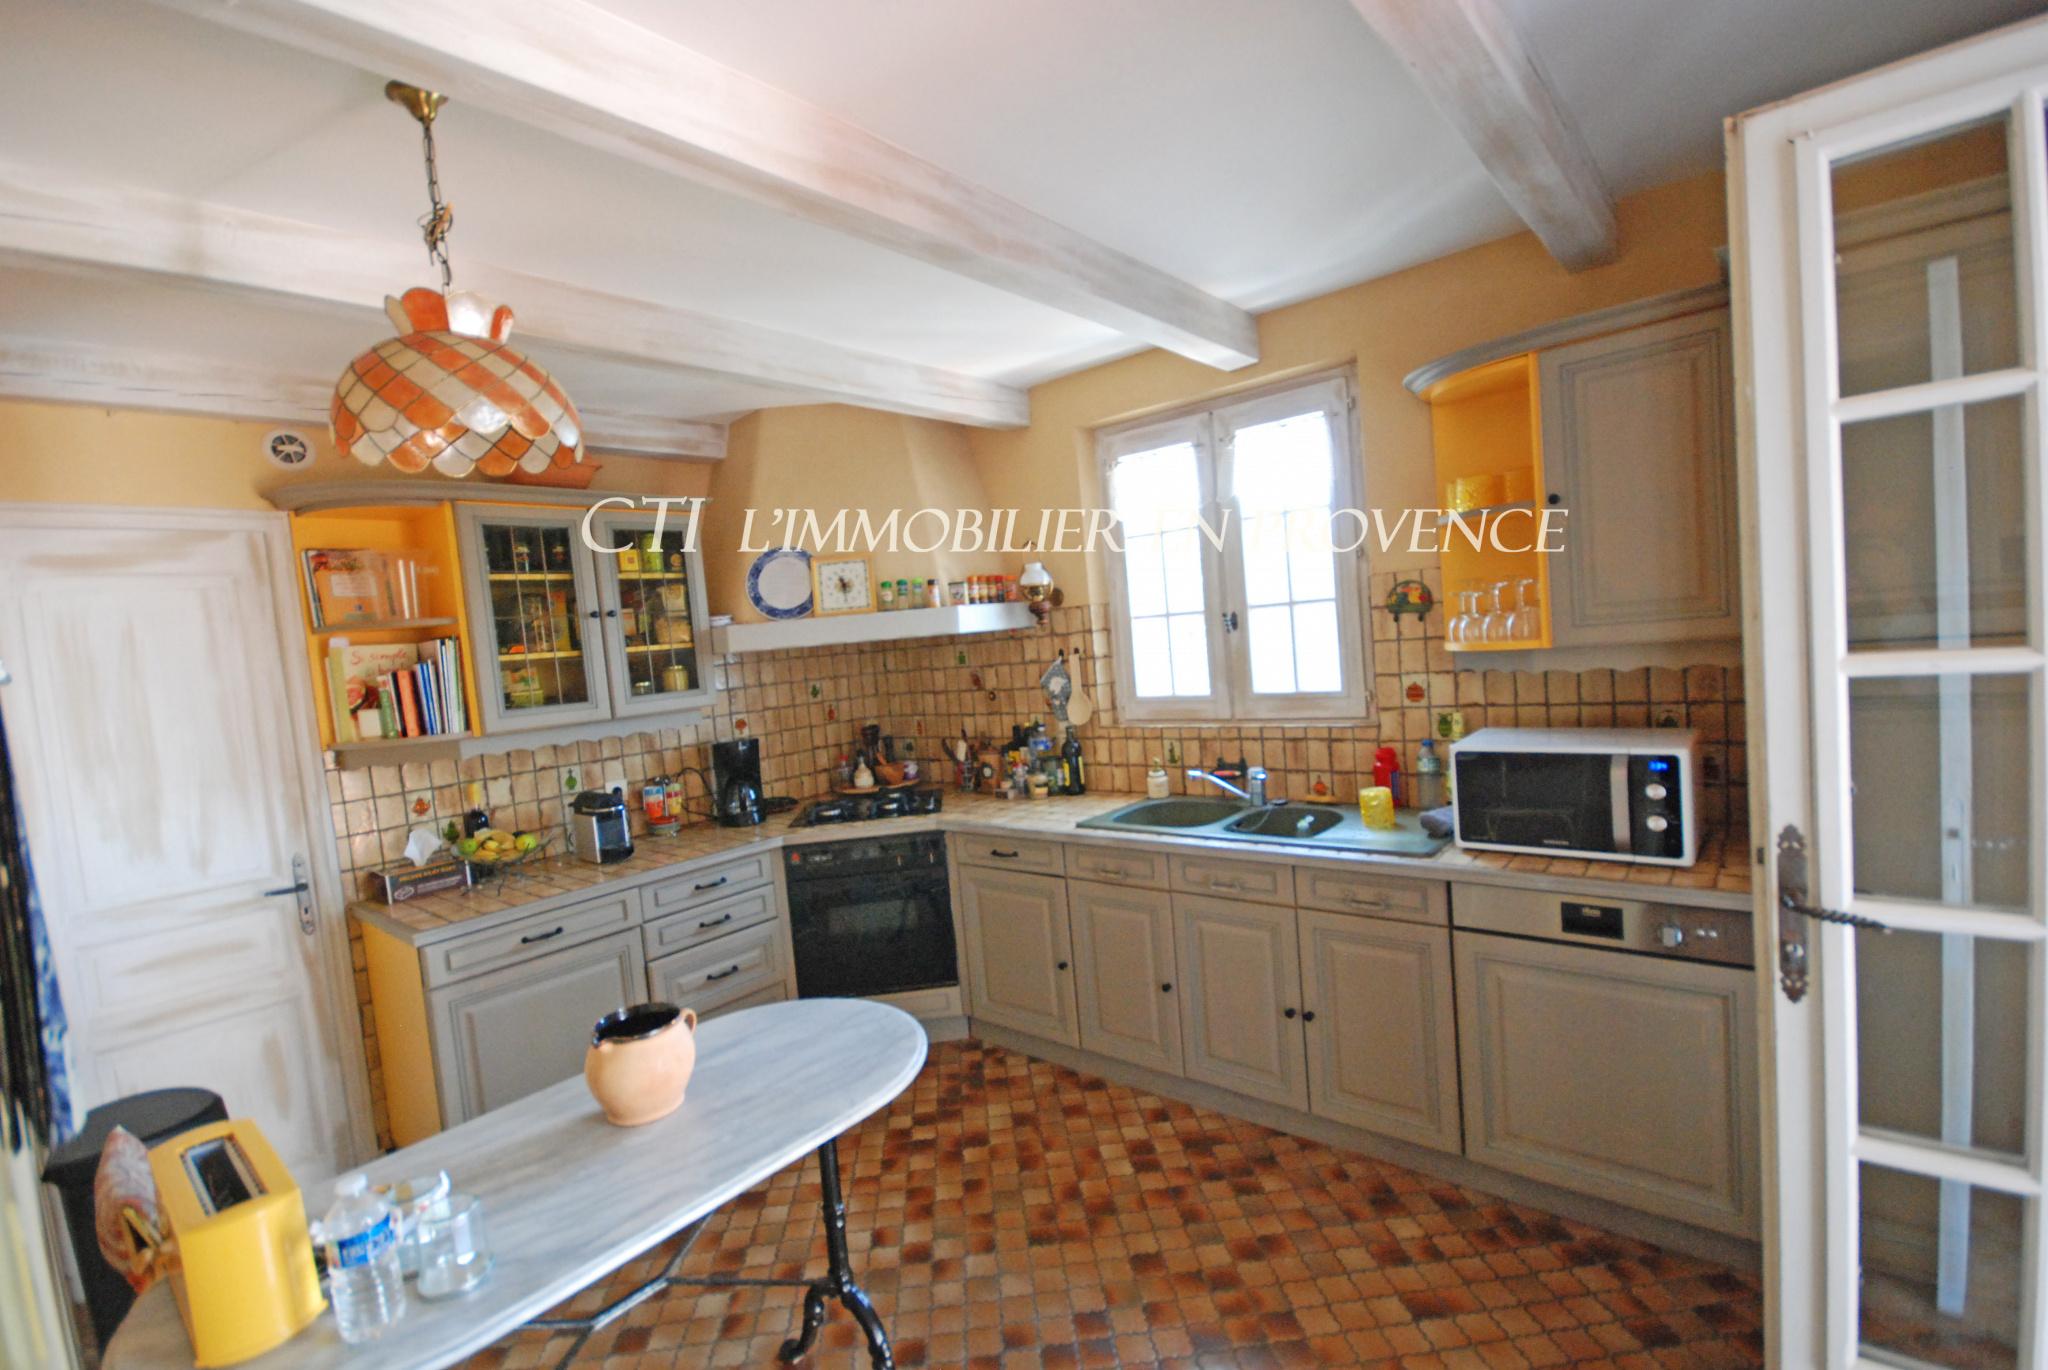 0 www.cti-provence.net A VENDRE MAISON D'ARCHITECTE DOMINANTE VUE MONT VENTOUX JARDIN PISCINE GARAGE